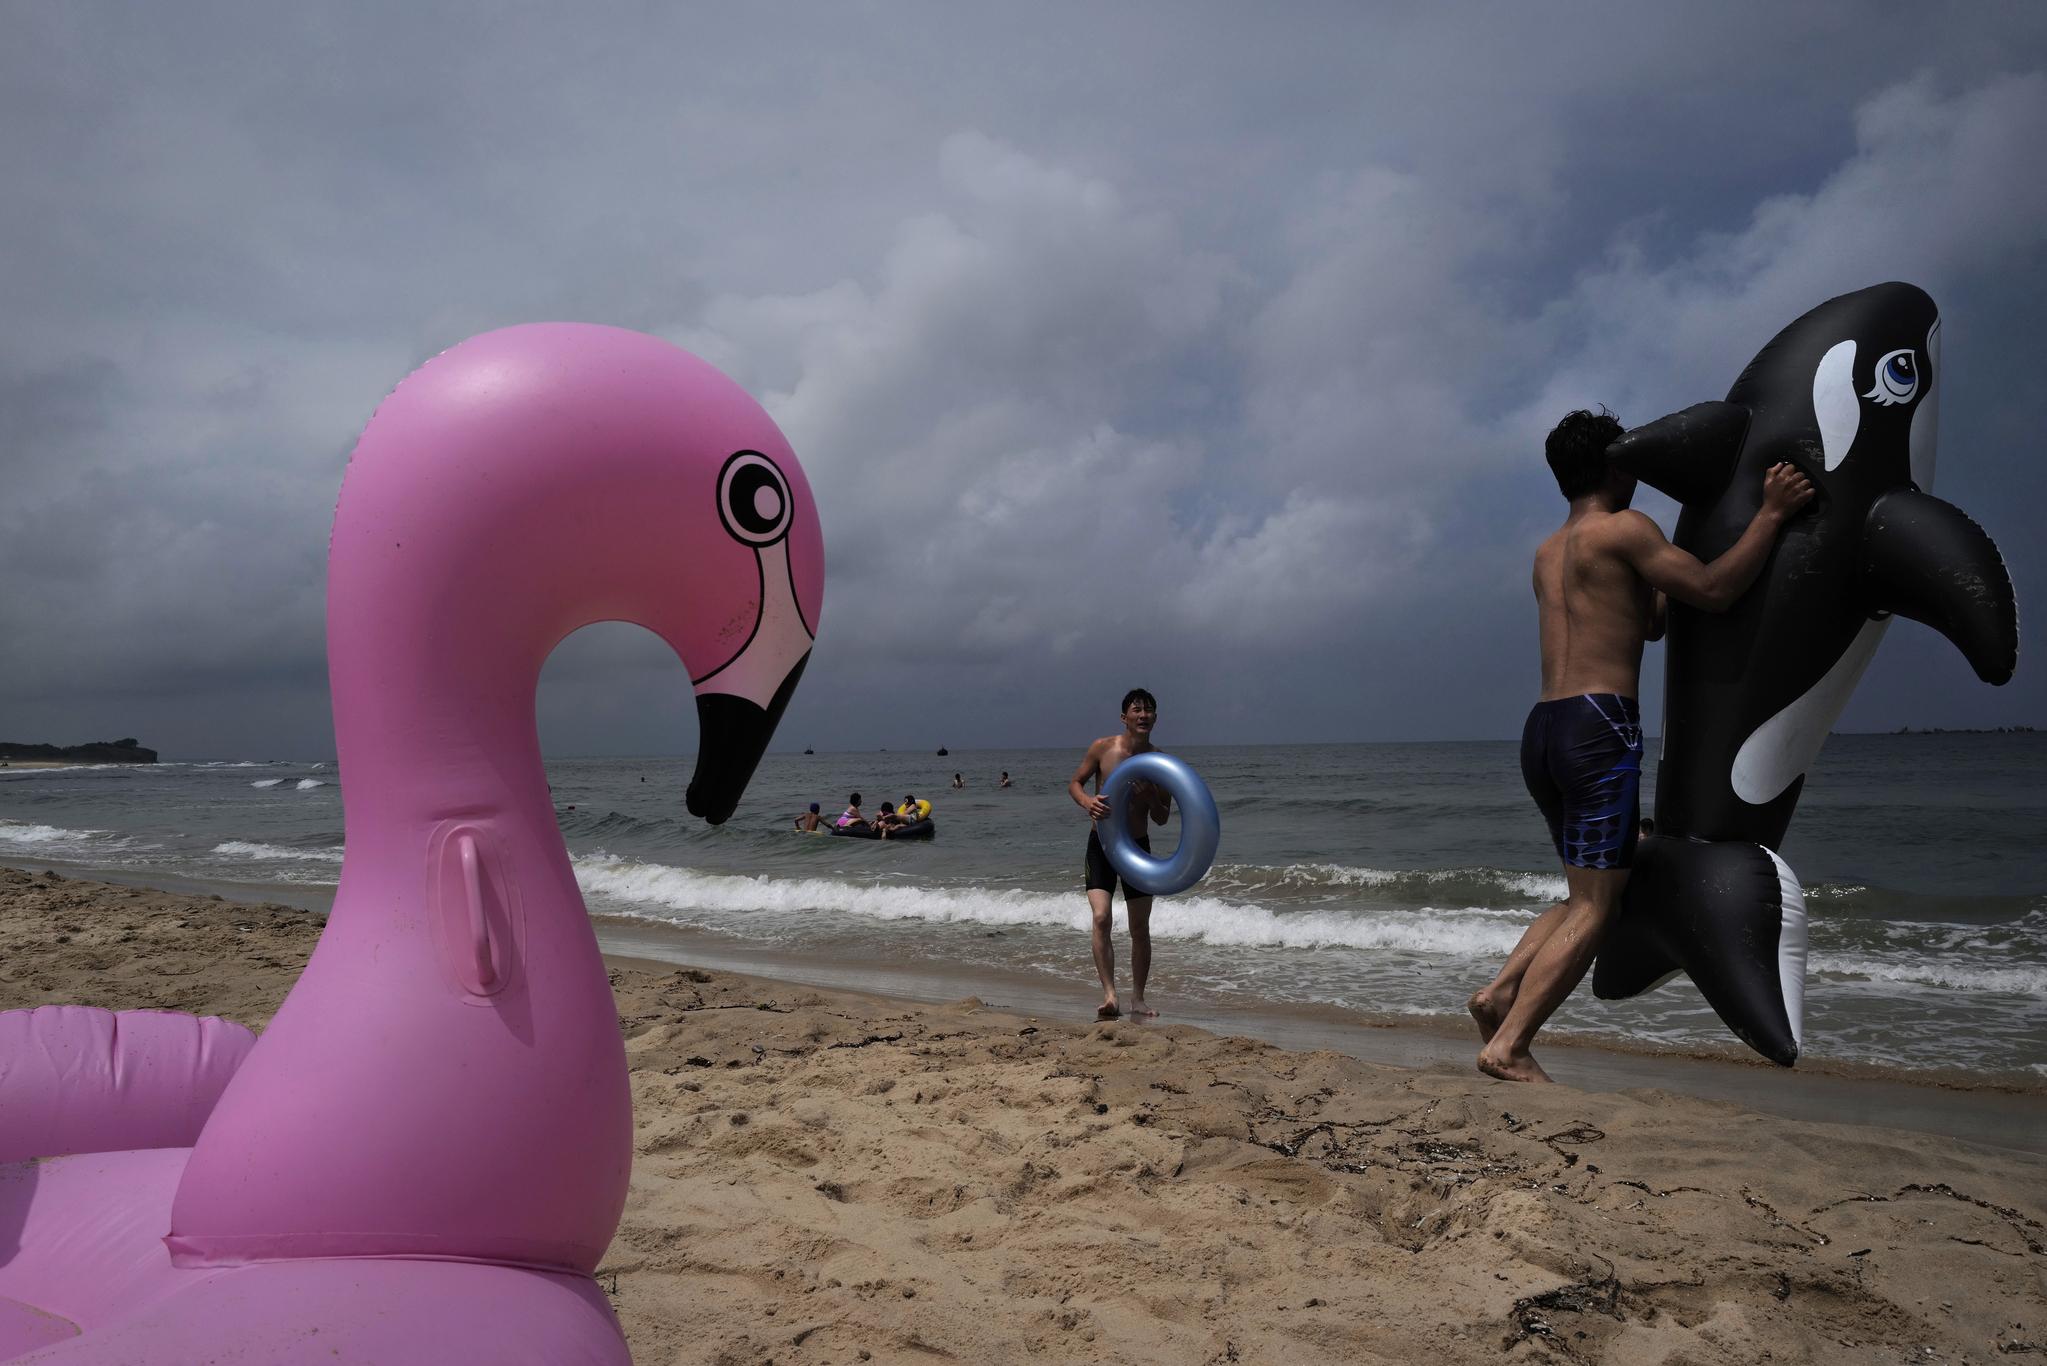 14일 북한 주민들이 강원도 통천 시중호 해수욕장에서 물놀이 기구를 가지고 피서를 즐기고 있다. [AP=연합뉴스]